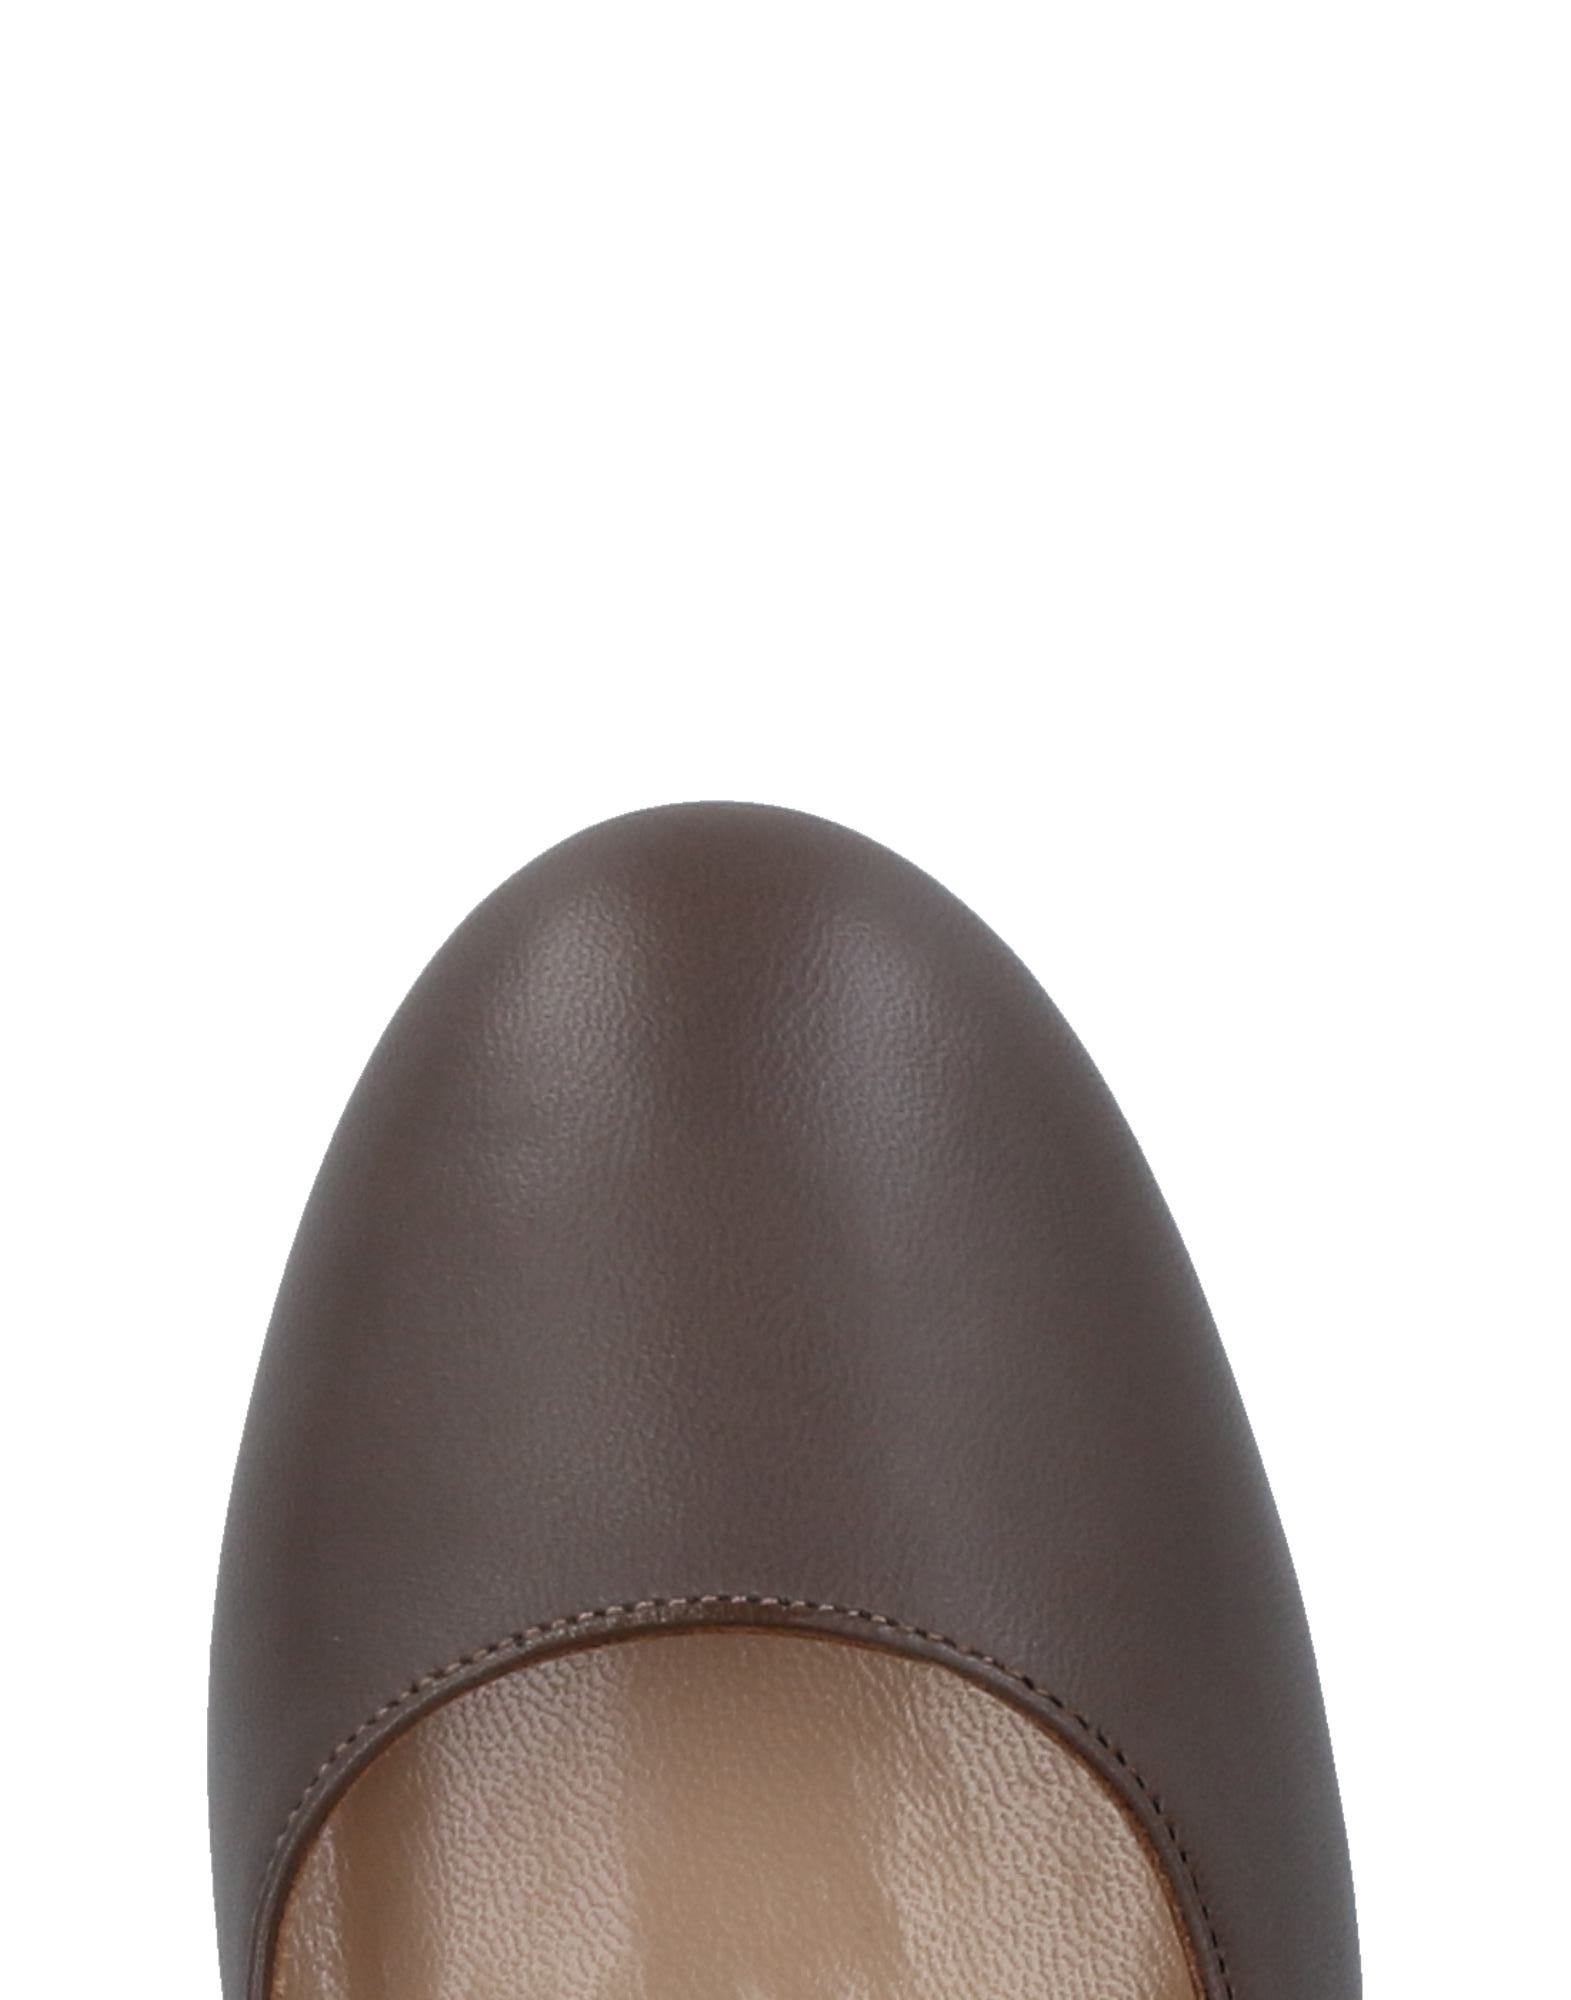 Pavin Pumps Damen  Schuhe 11483276AK Gute Qualität beliebte Schuhe  016174